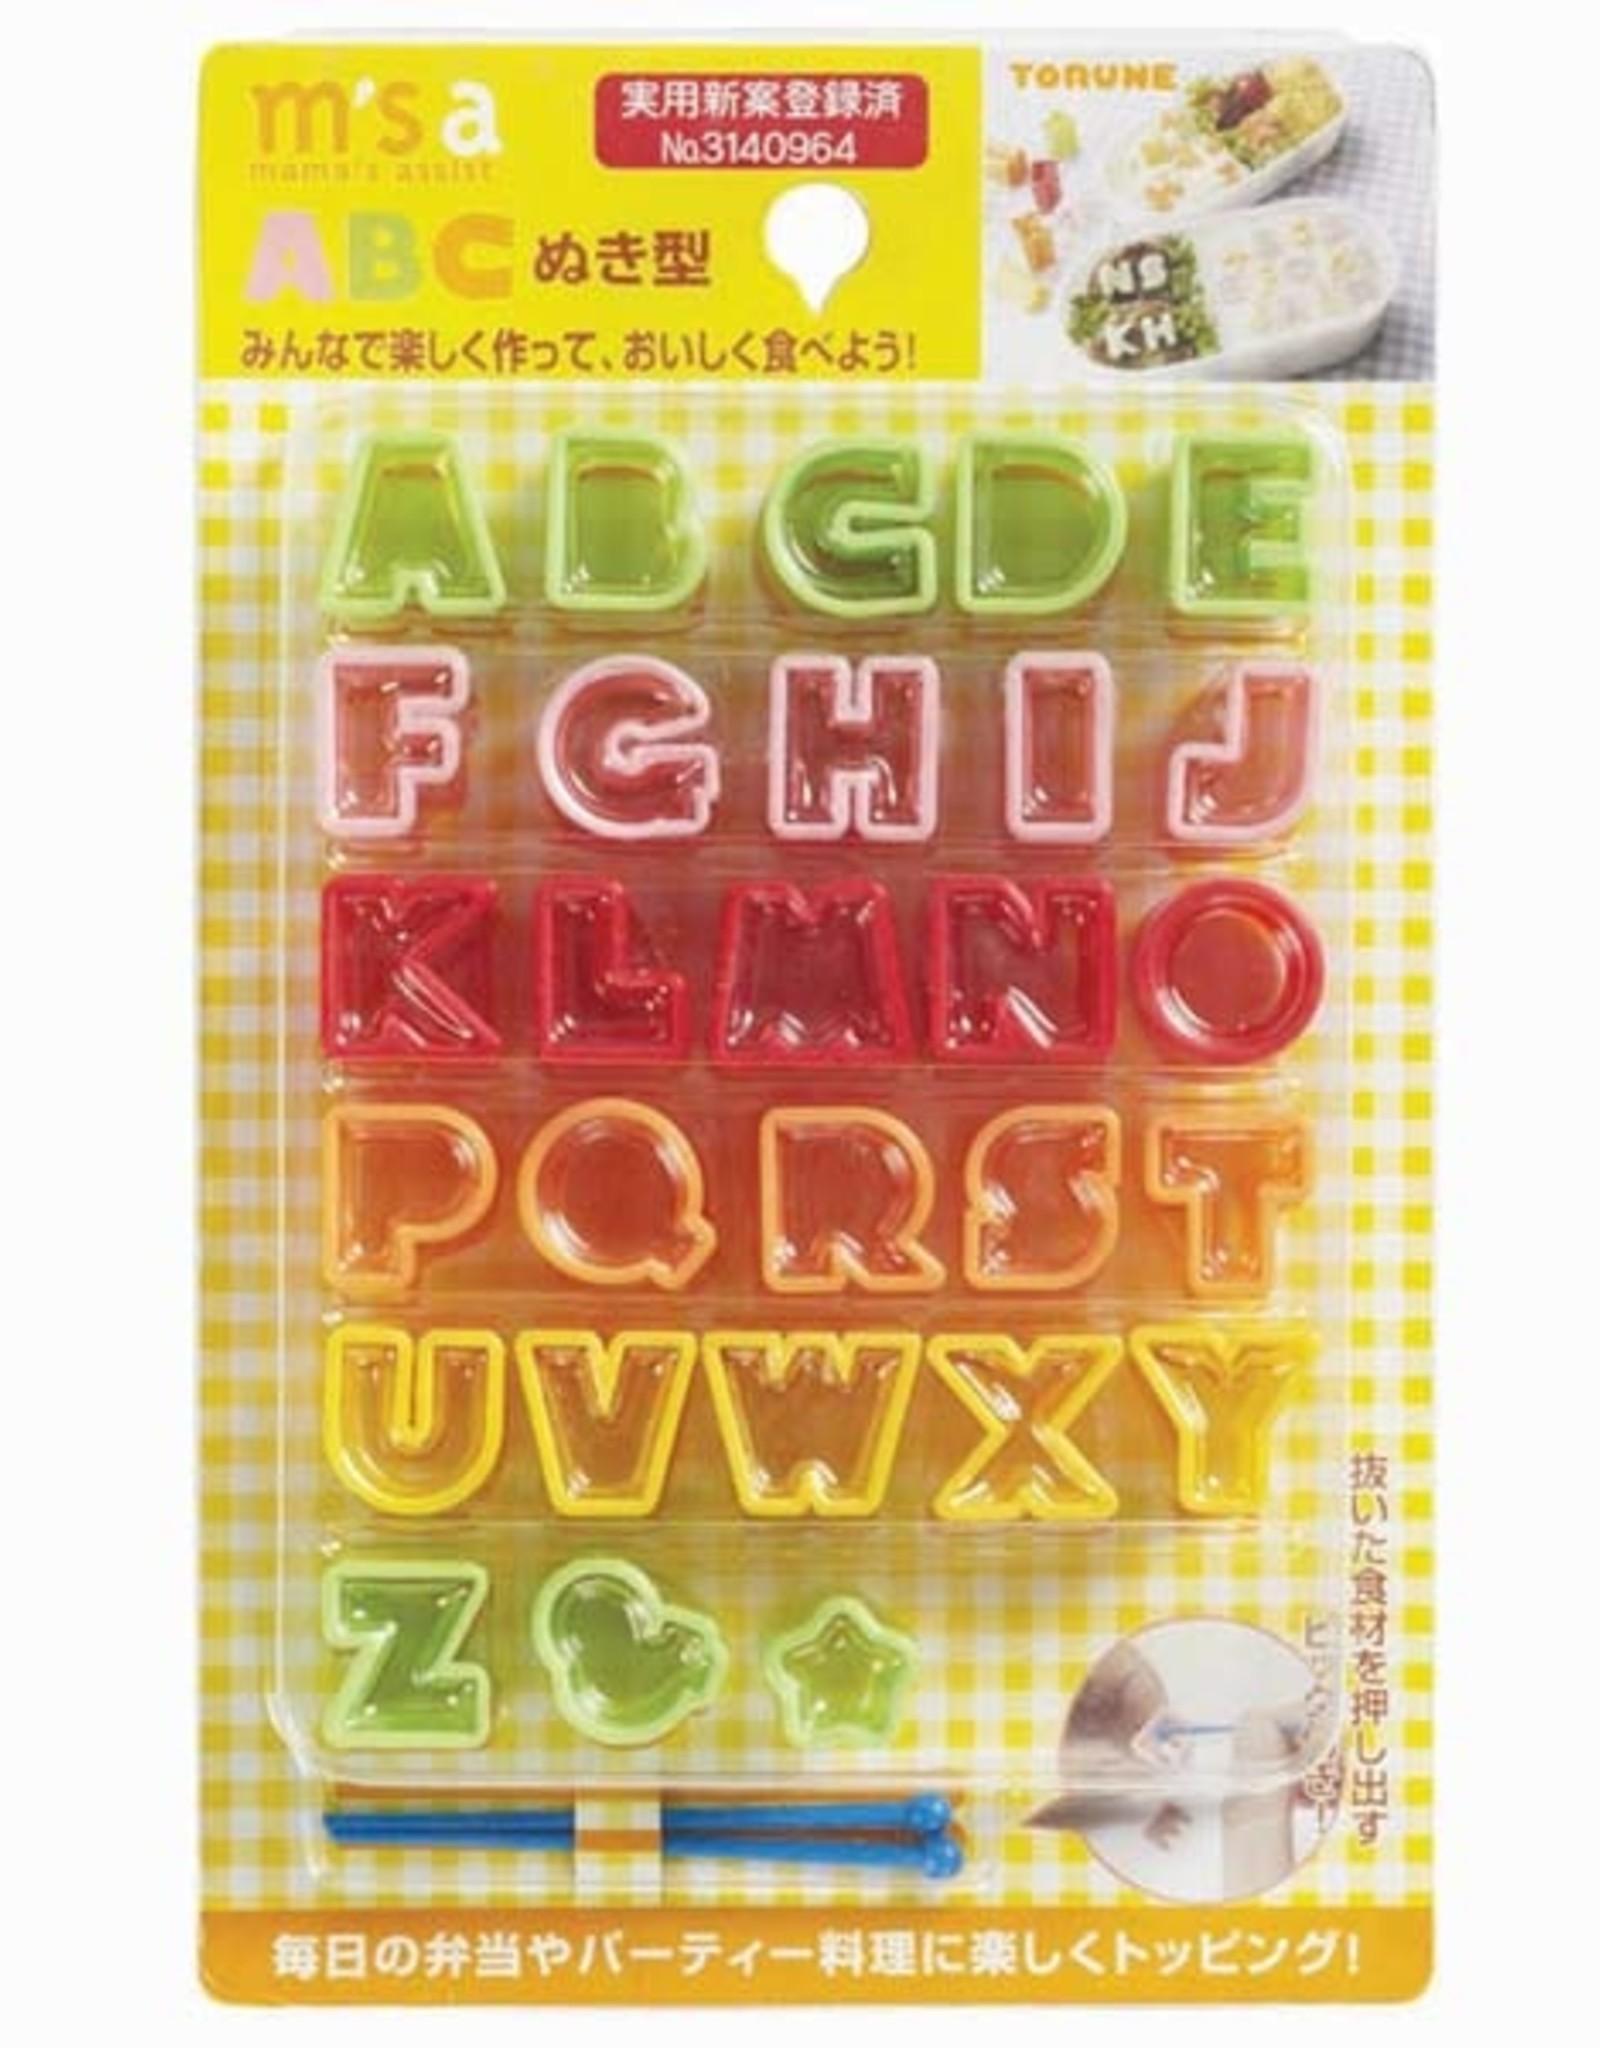 Torune Bento uitsteekset 'Alfabet'